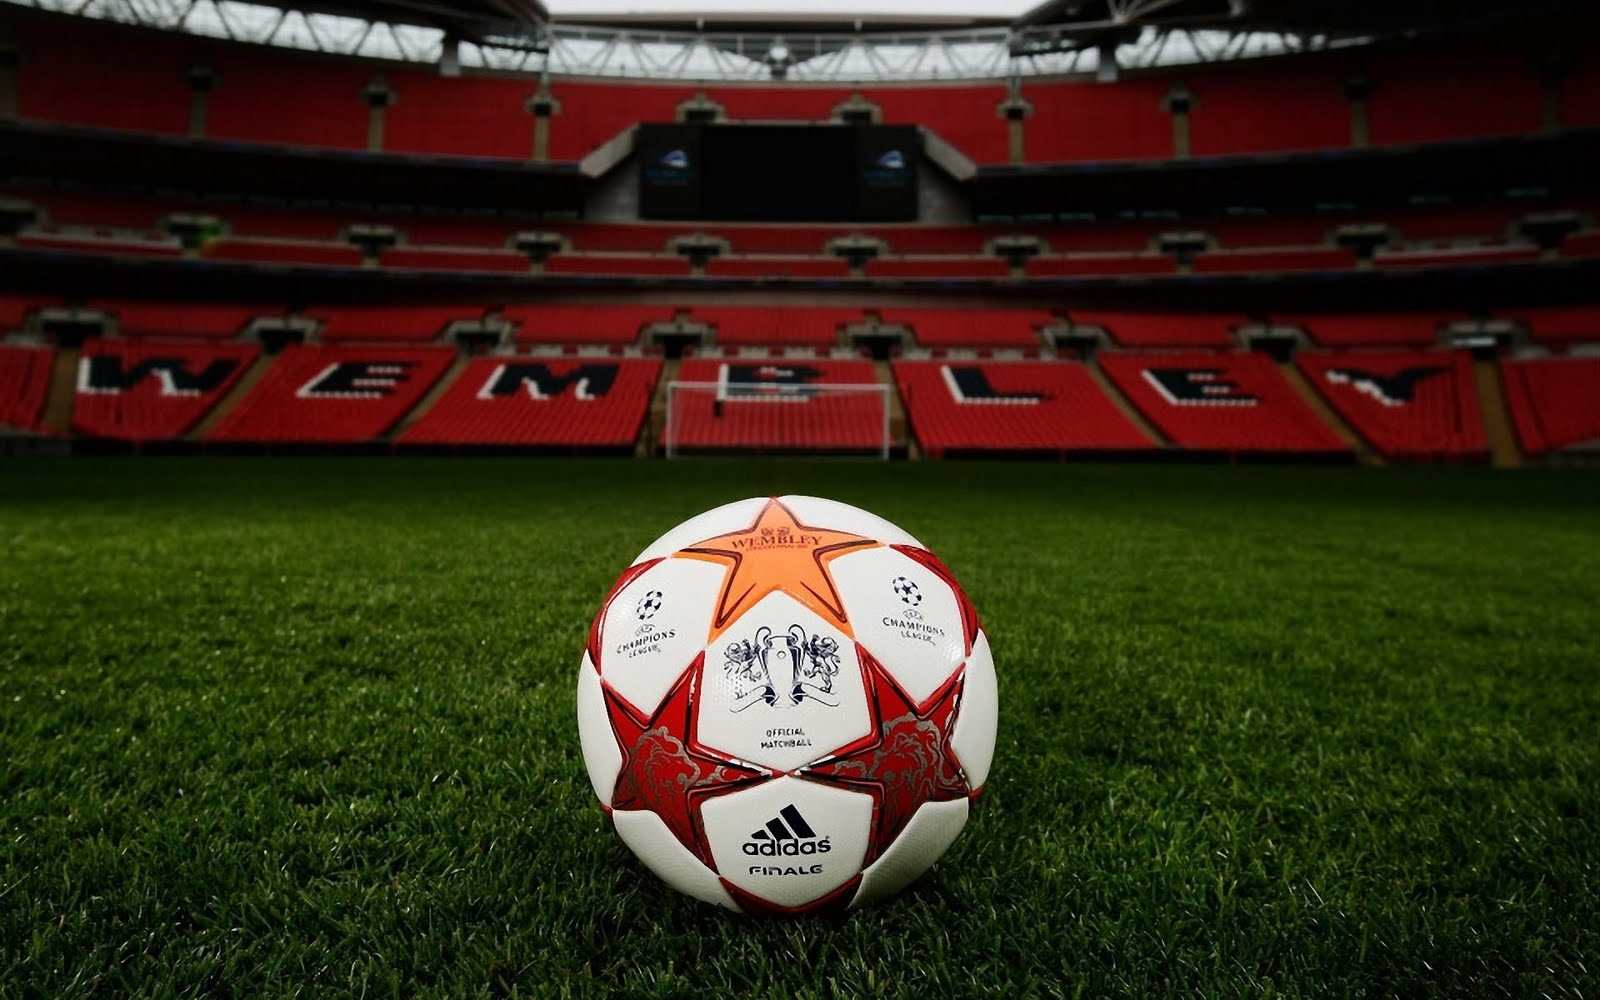 Jugadores De Futbol Imagenes - Jugadores De Futbol Fotos y Vectores gratis Freepik